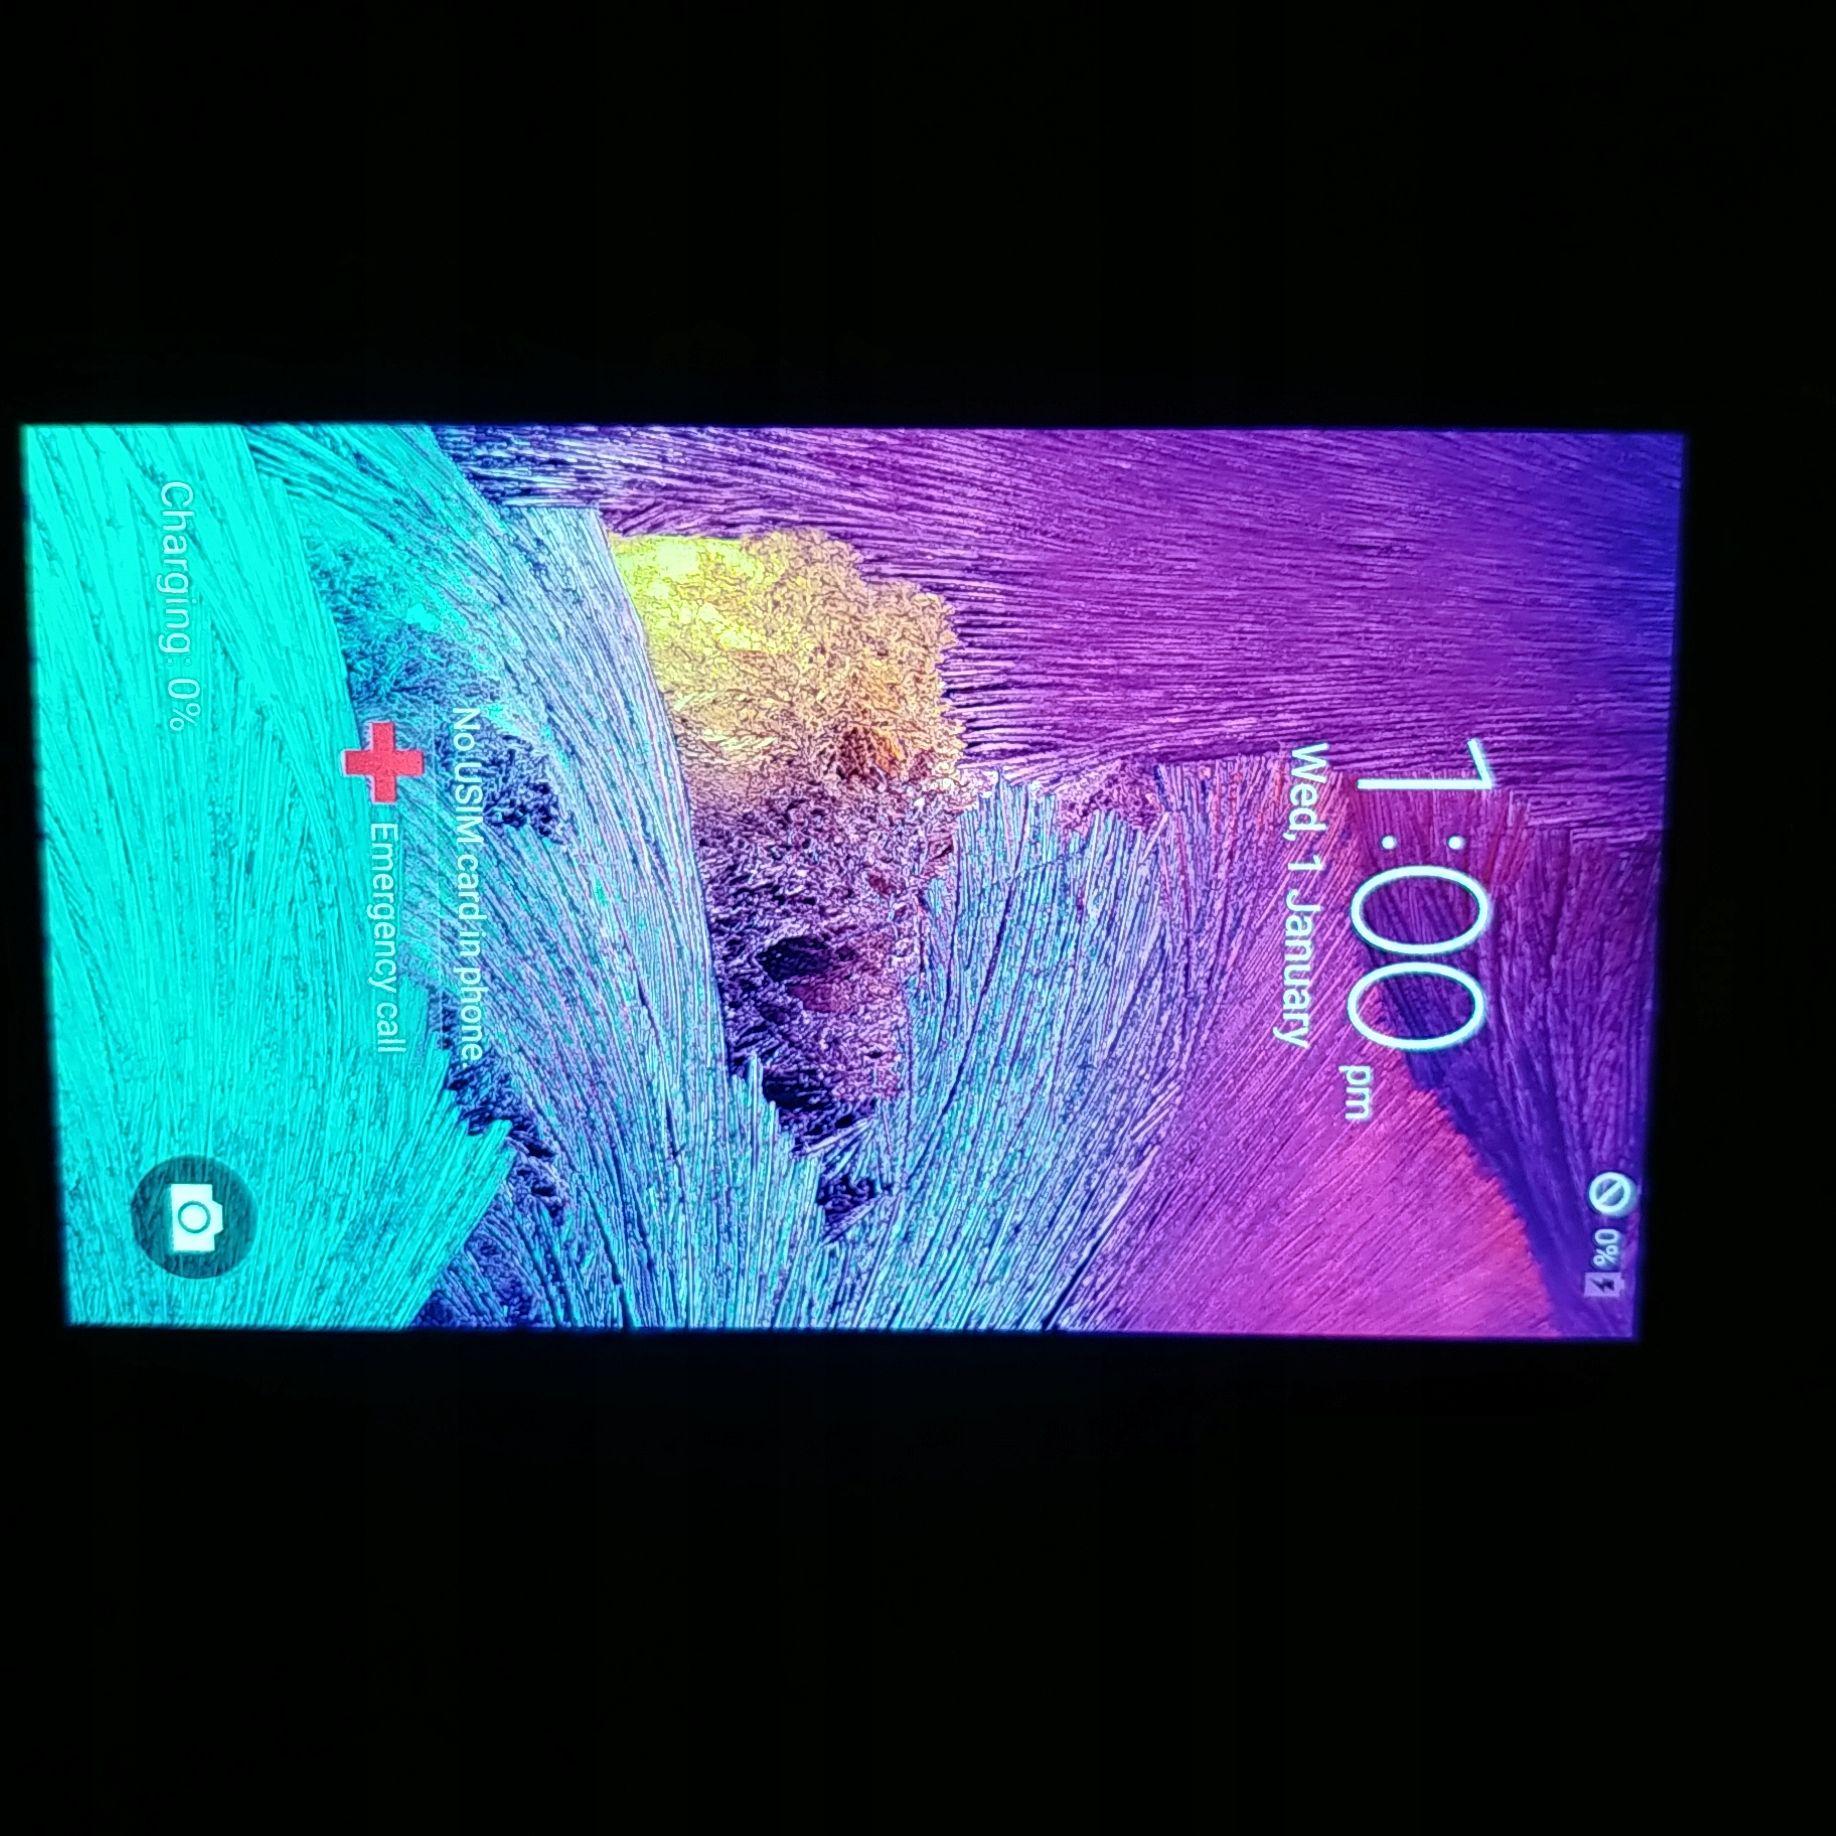 Smartfon Samsung Galaxy Note 4 Zloty 32 Gb 8469791790 Oficjalne Archiwum Allegro Galaxy Note Galaxy Note 4 Samsung Galaxy